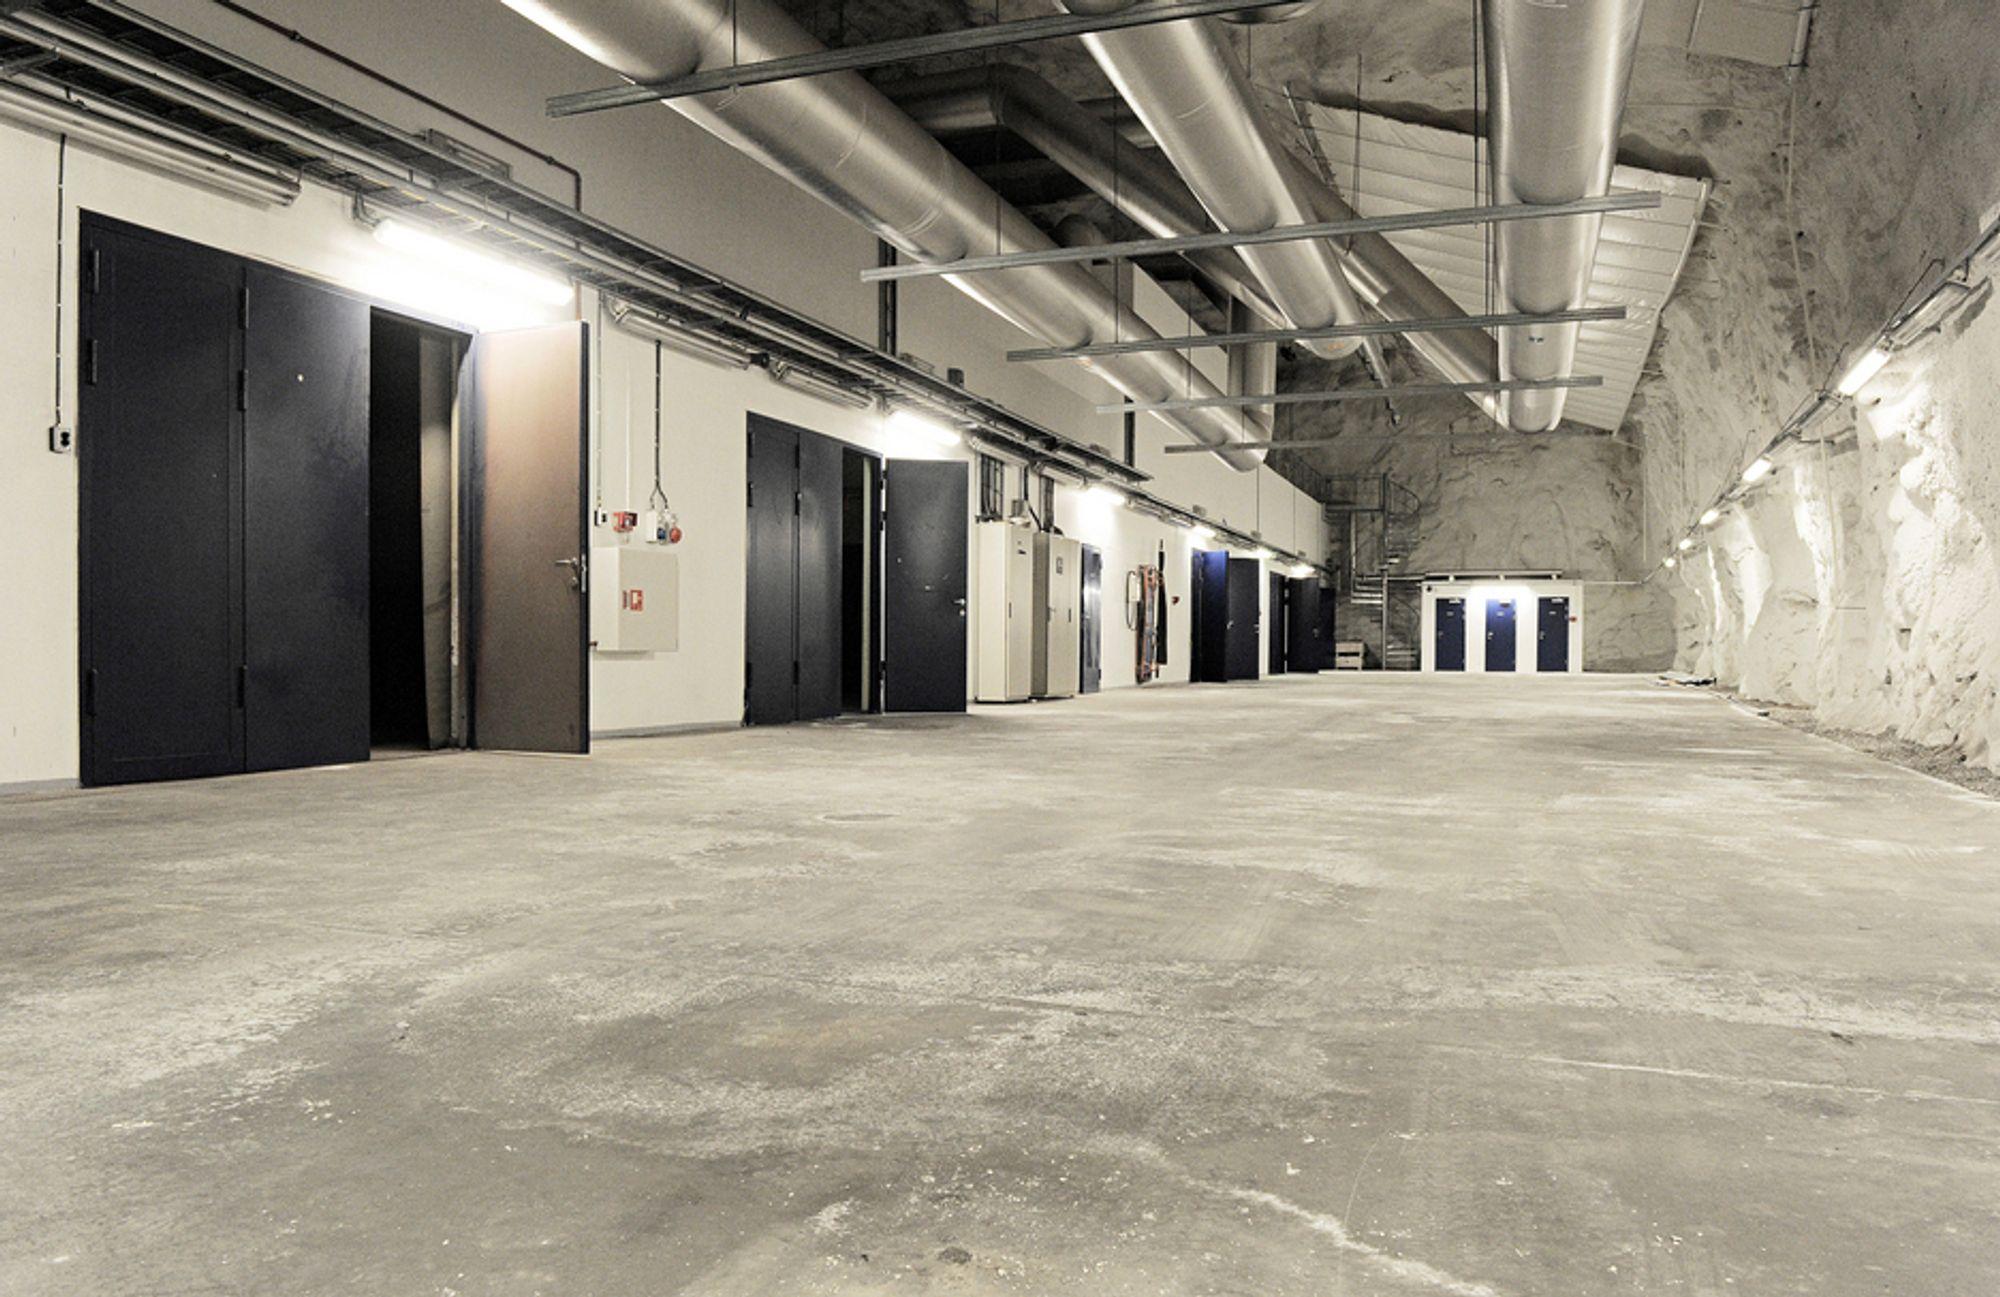 VIL TIL NORGE: Her ved Natos gamle anlegg på Rennesøy ville Cern etablere et gigantisk datasenter.